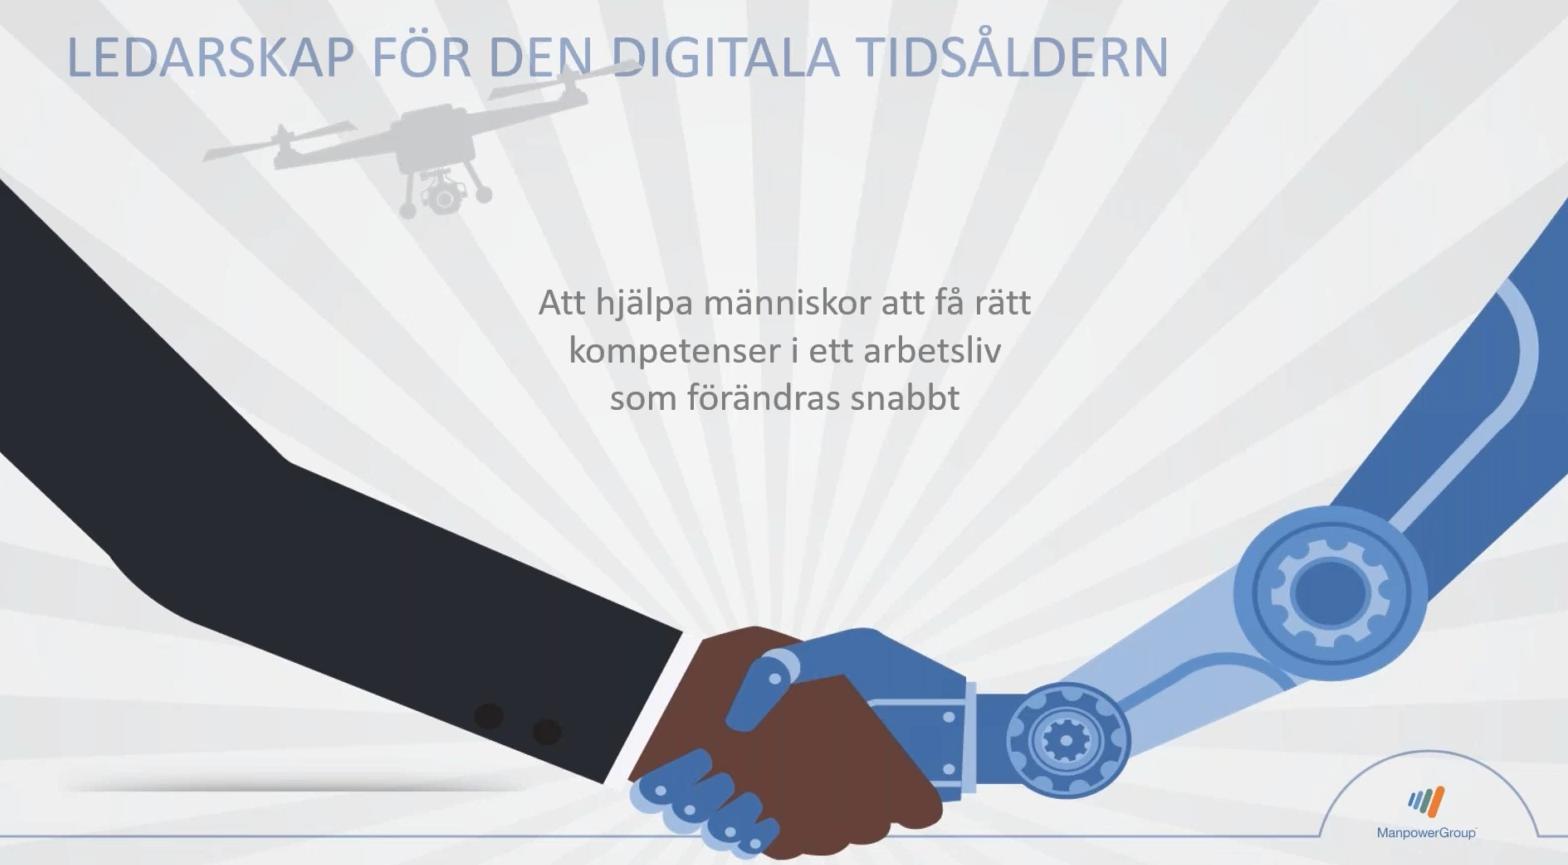 Ledarskap i den digitala tidsåldern